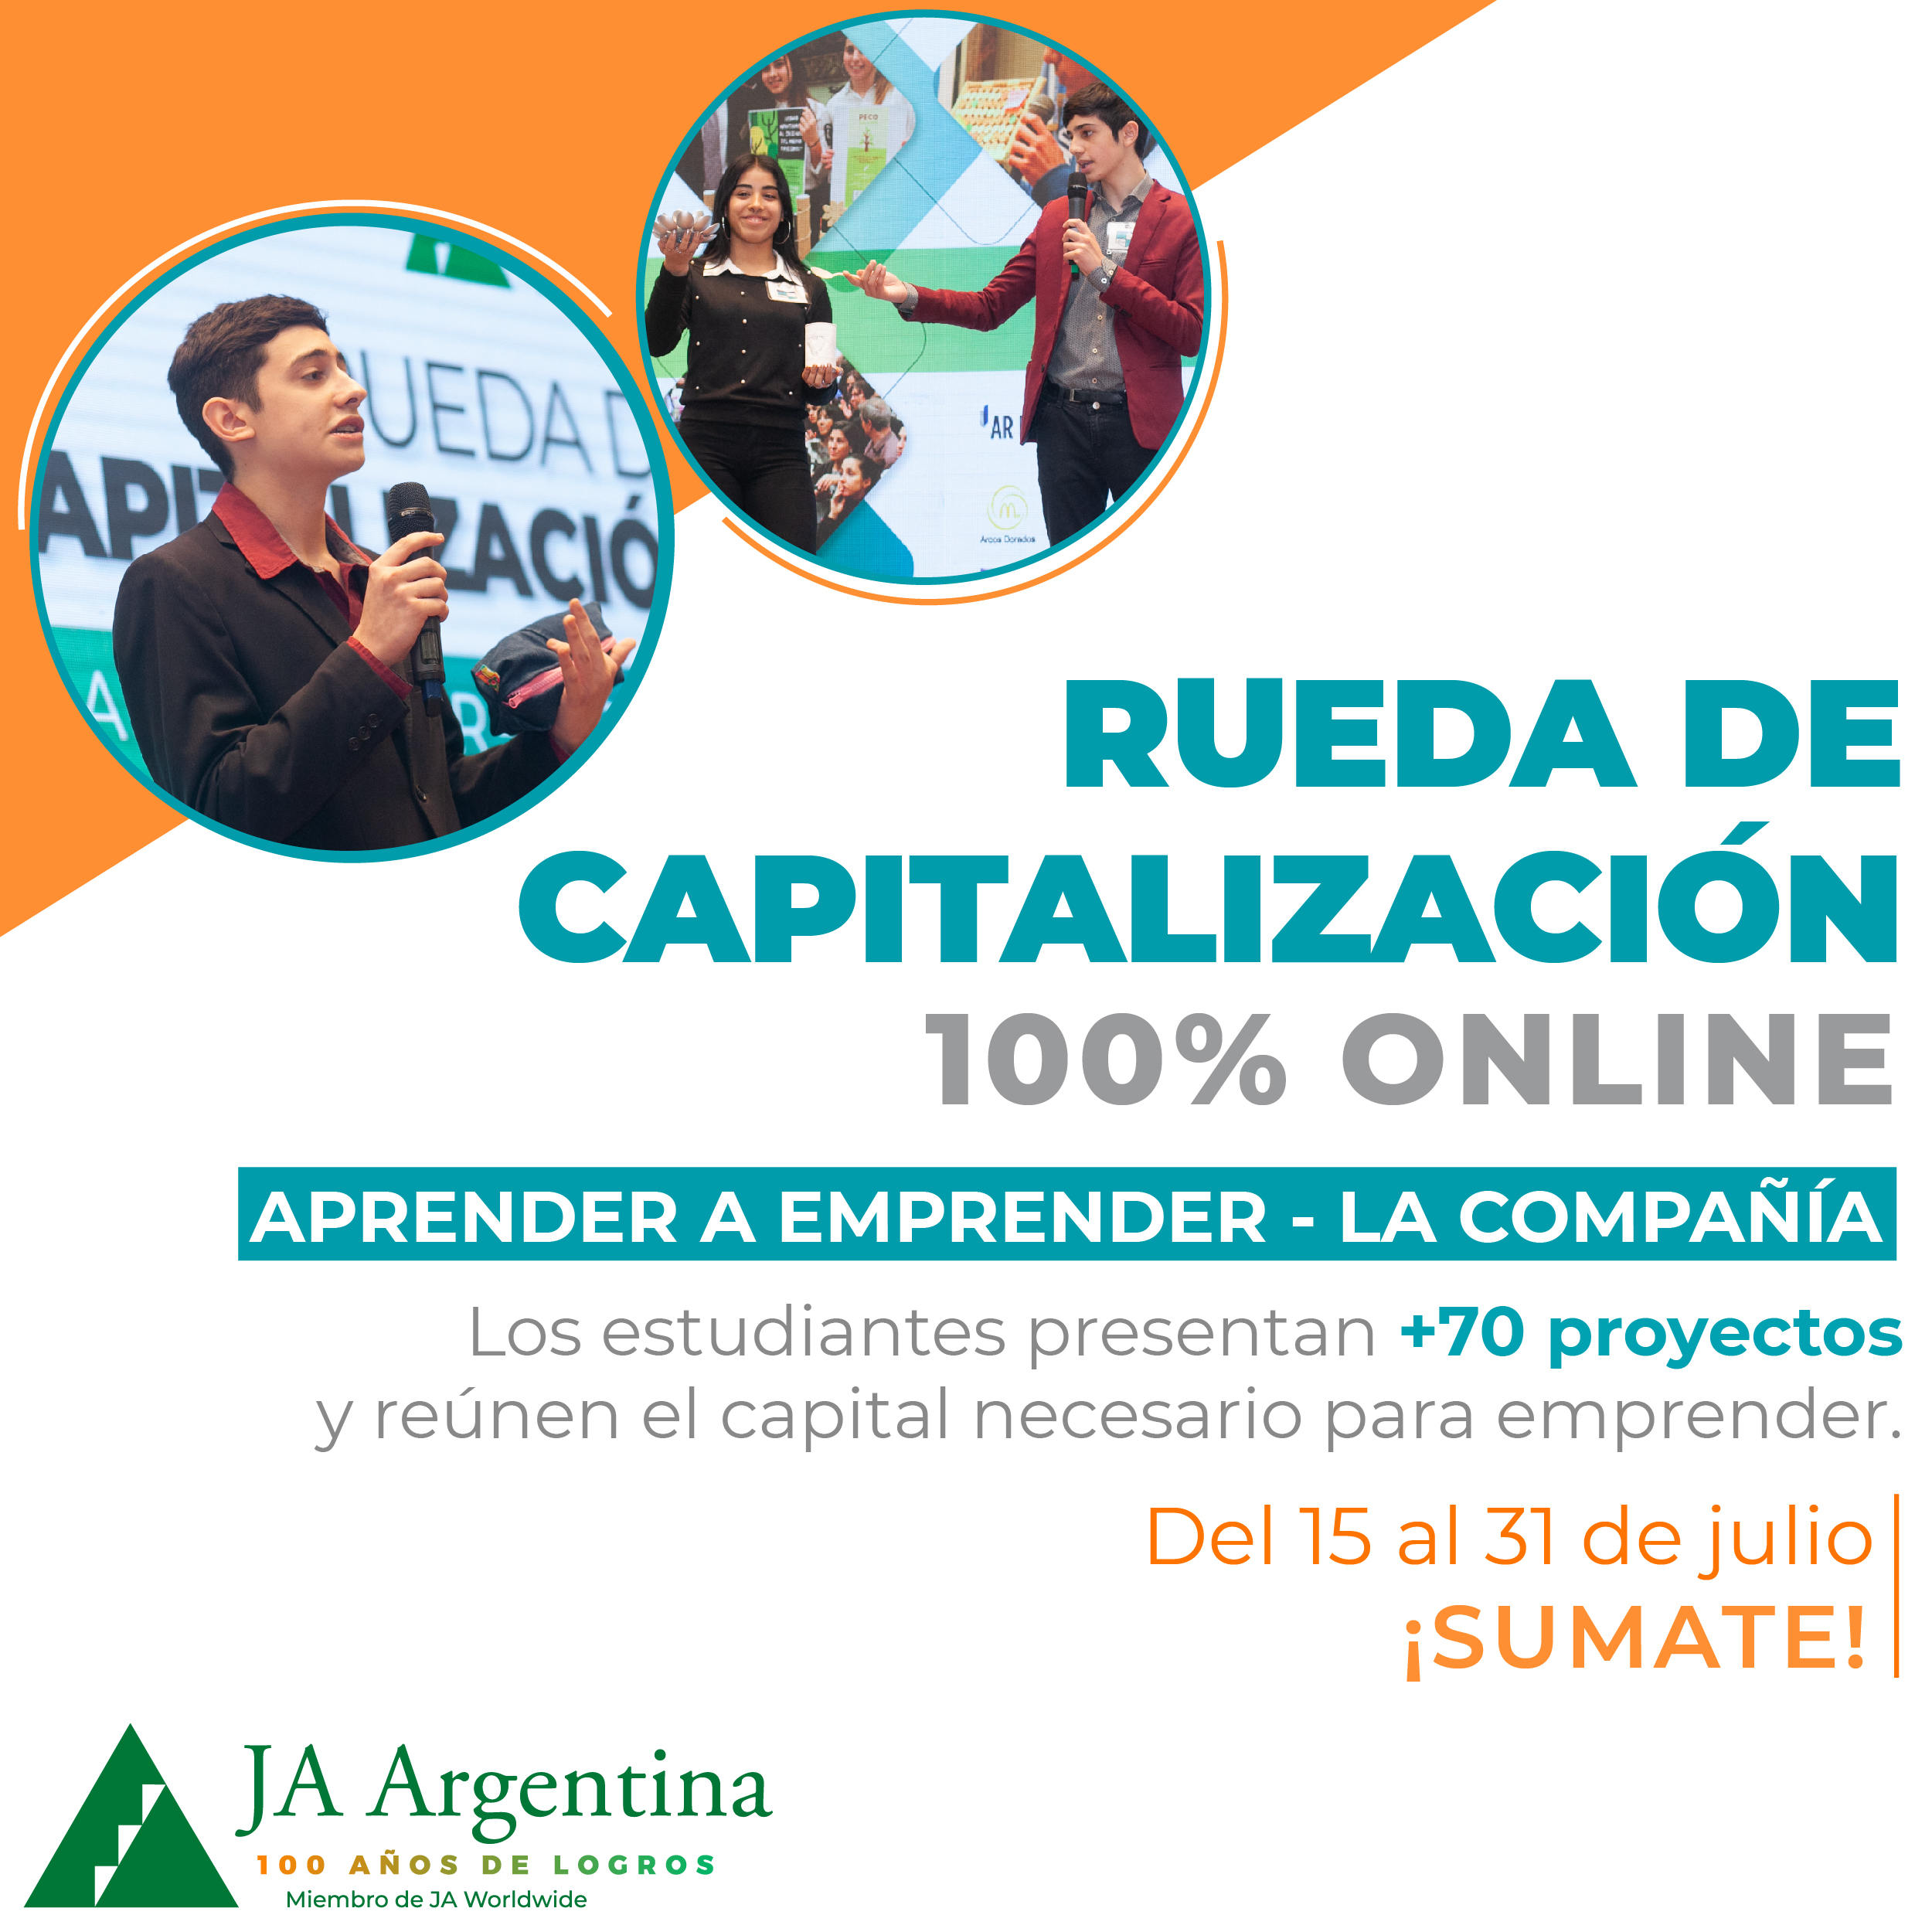 Rueda de Capitalización Online